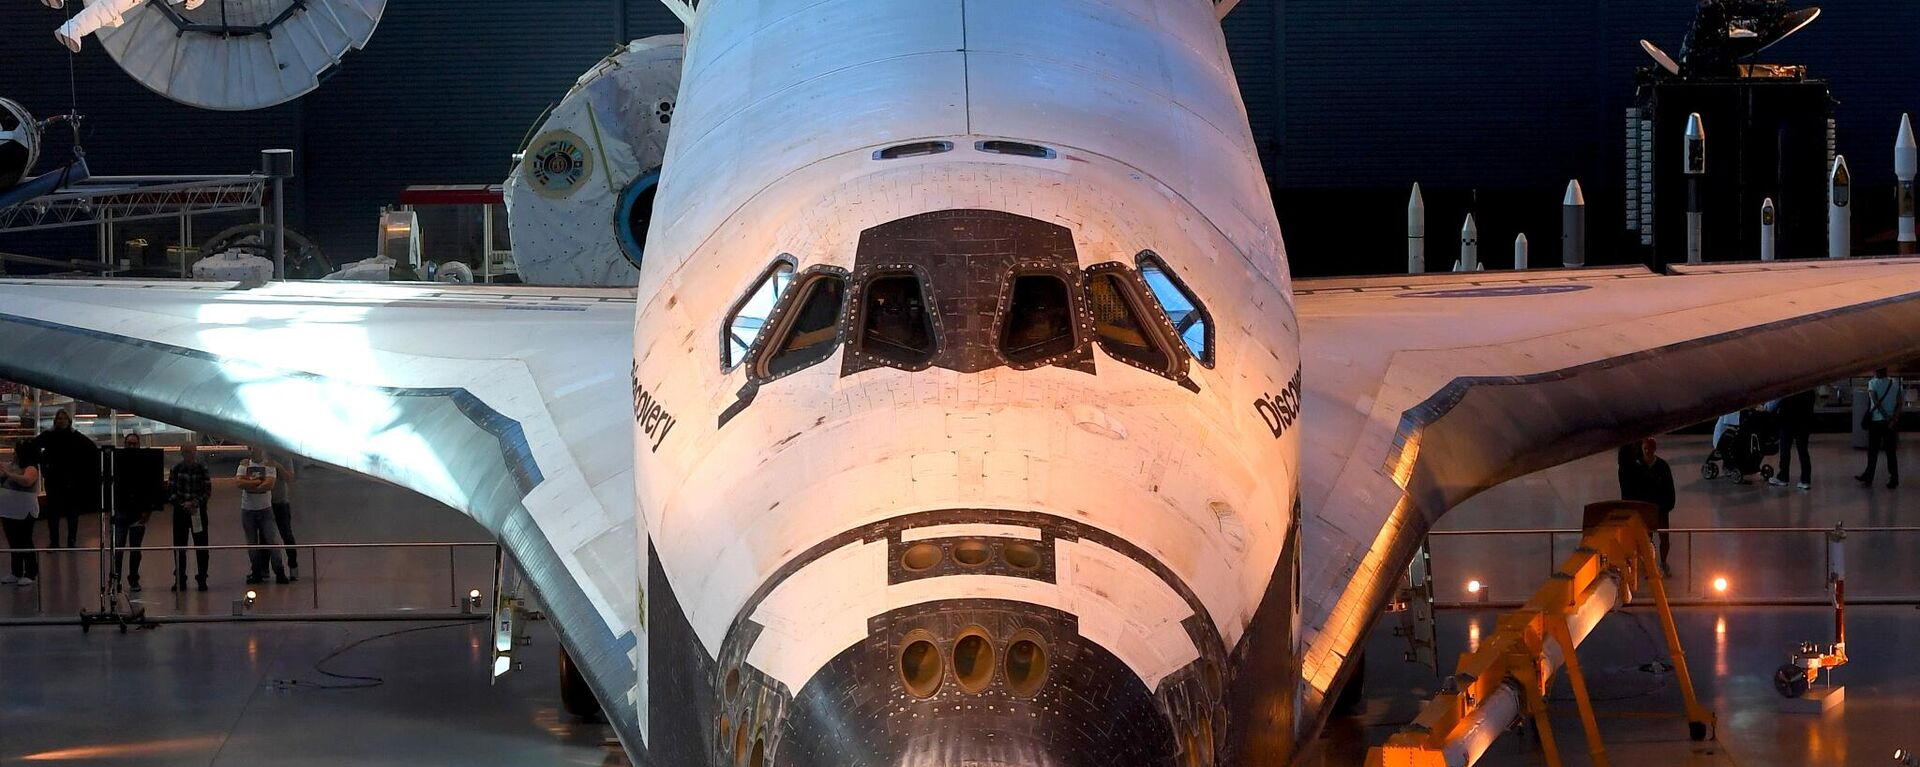 Национальный музей воздухоплавания и астронавтики в Вашингтоне - Sputnik Ўзбекистон, 1920, 27.05.2021